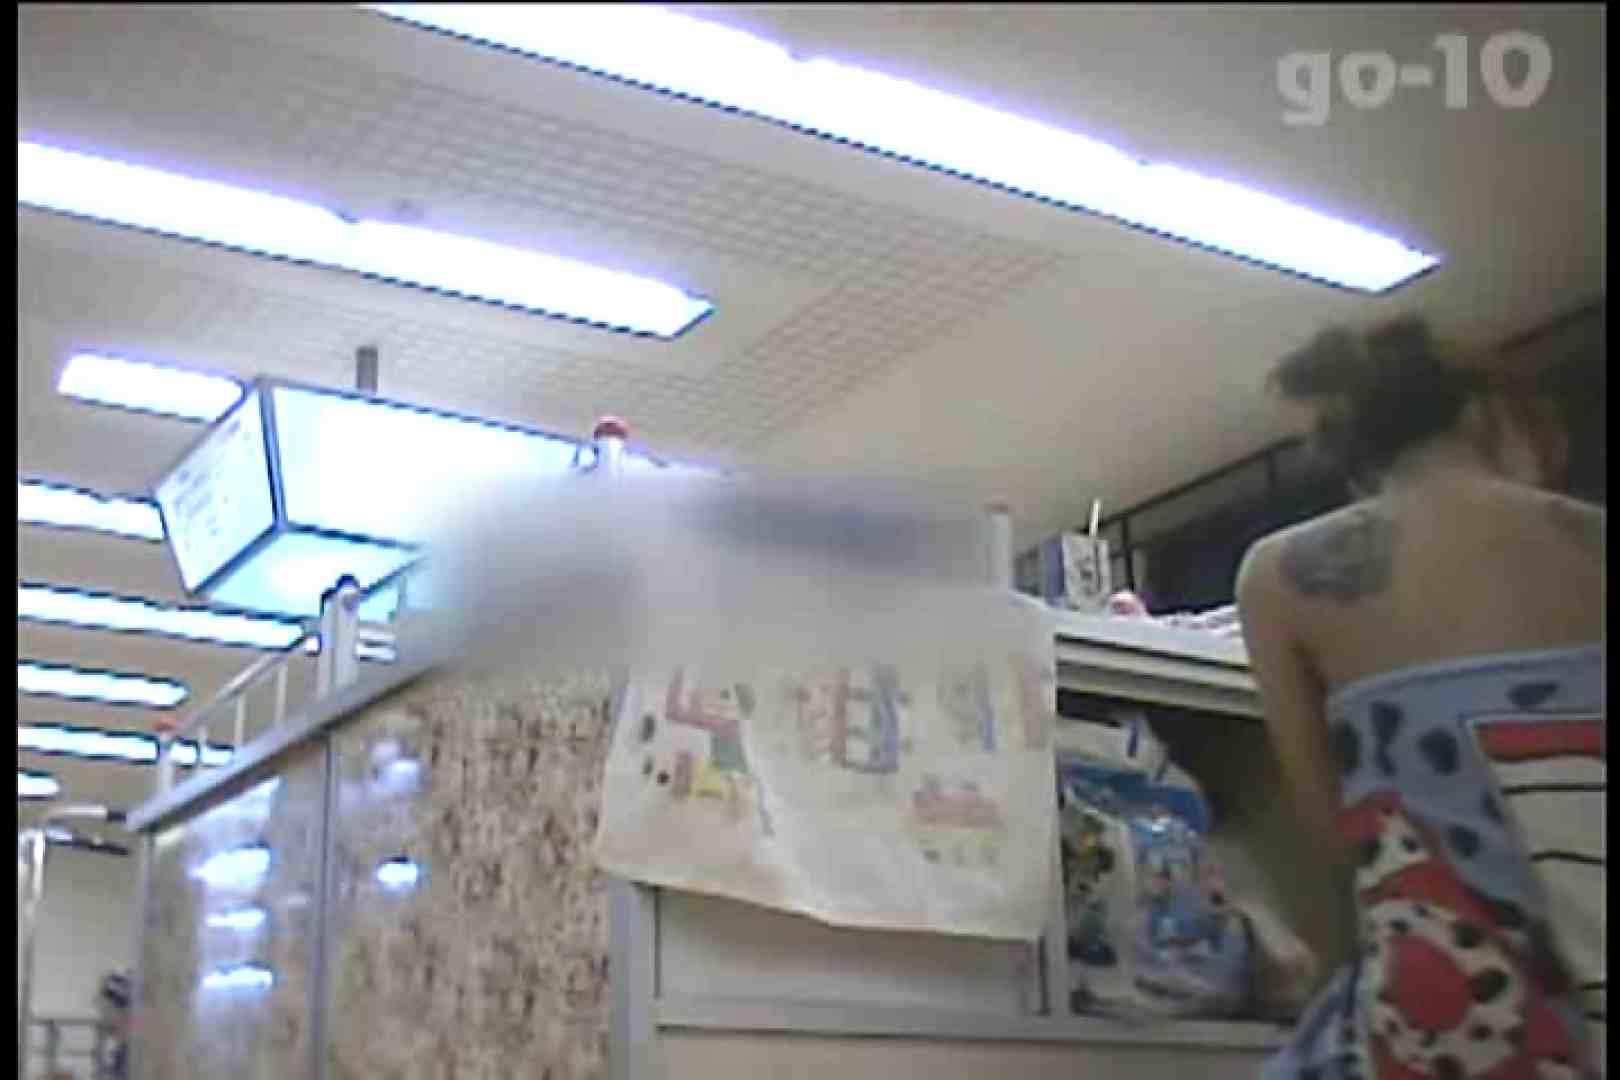 電波カメラ設置浴場からの防HAN映像 Vol.10 OL女体 | 女体盗撮  86連発 25